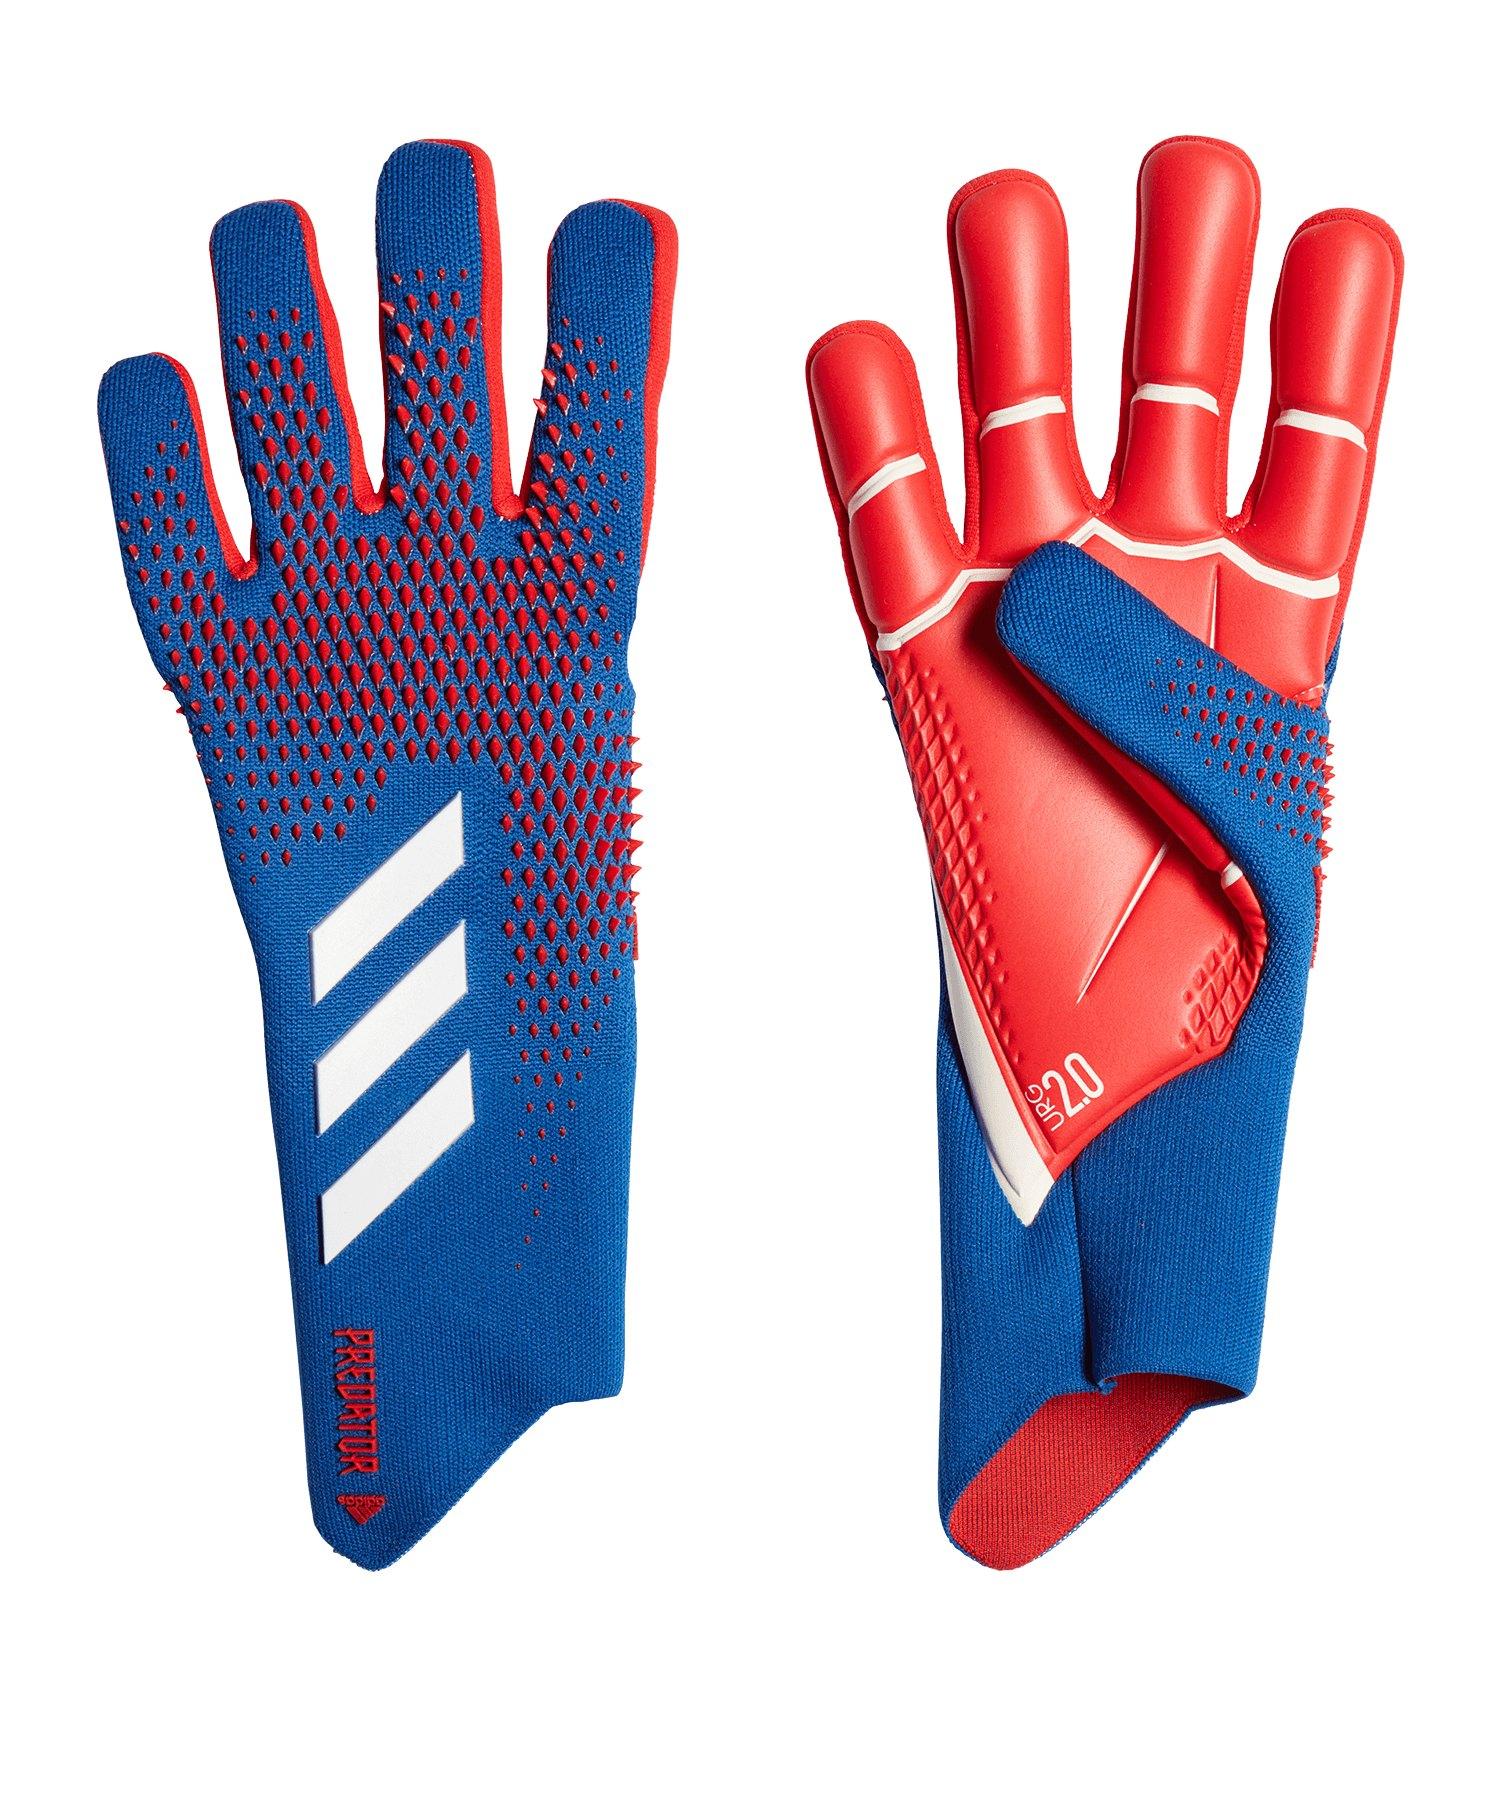 adidas Predator Pro TW-Handschuh Blau Rot - blau